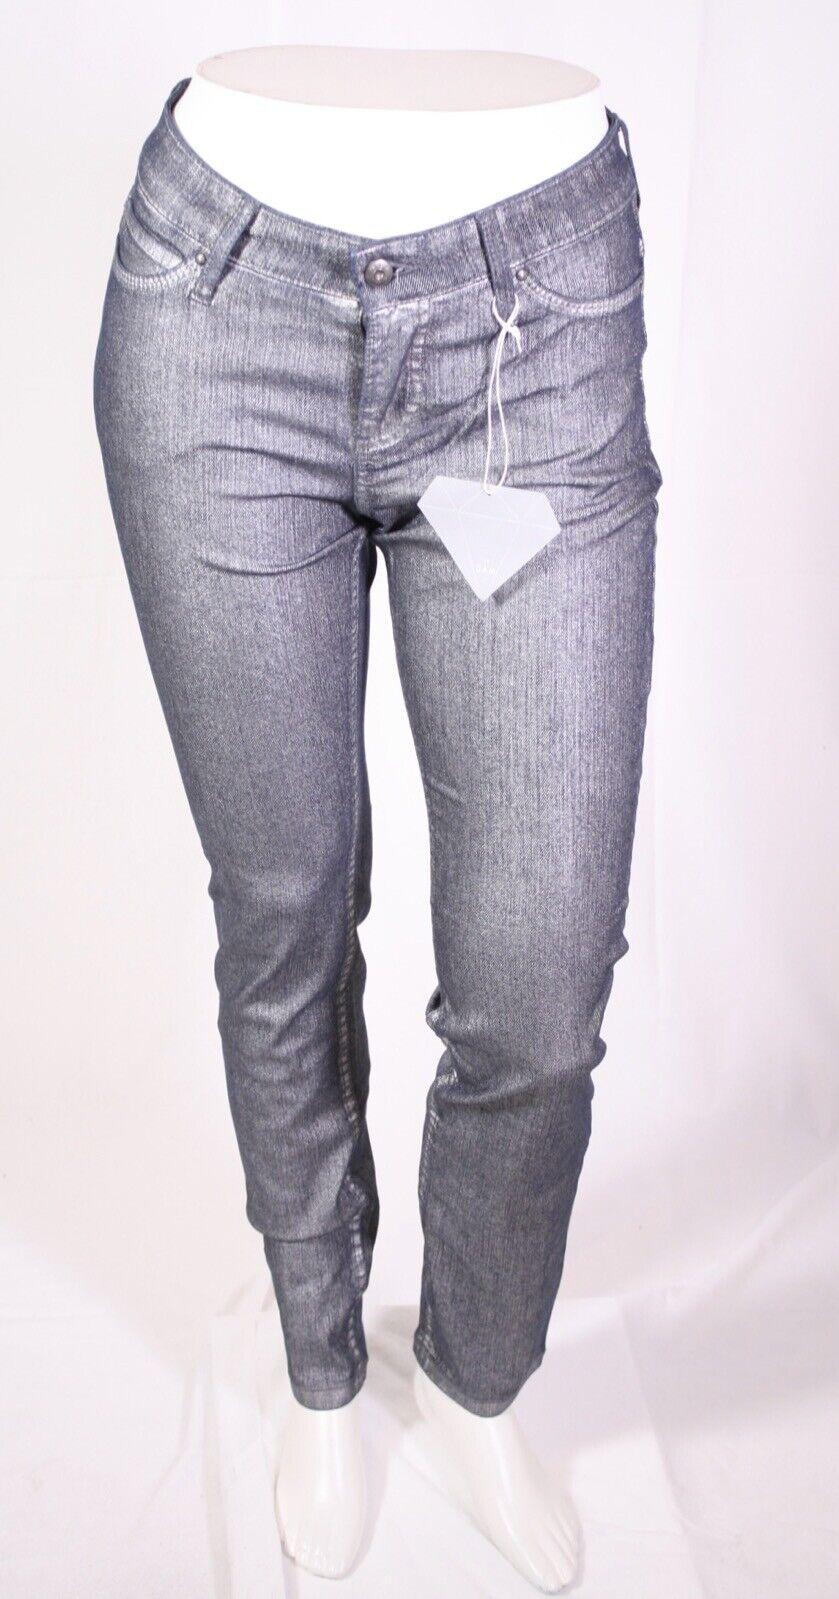 MJ3-87 MAC Skinny Jeans Hose blau silber Gr. 38 L32 L32 L32 Diamond Brush Glitzer NEU | Ausgezeichnete Leistung  | Zahlreiche In Vielfalt  | Attraktive Mode  | Vogue  | Geeignet für Farbe  e95f59